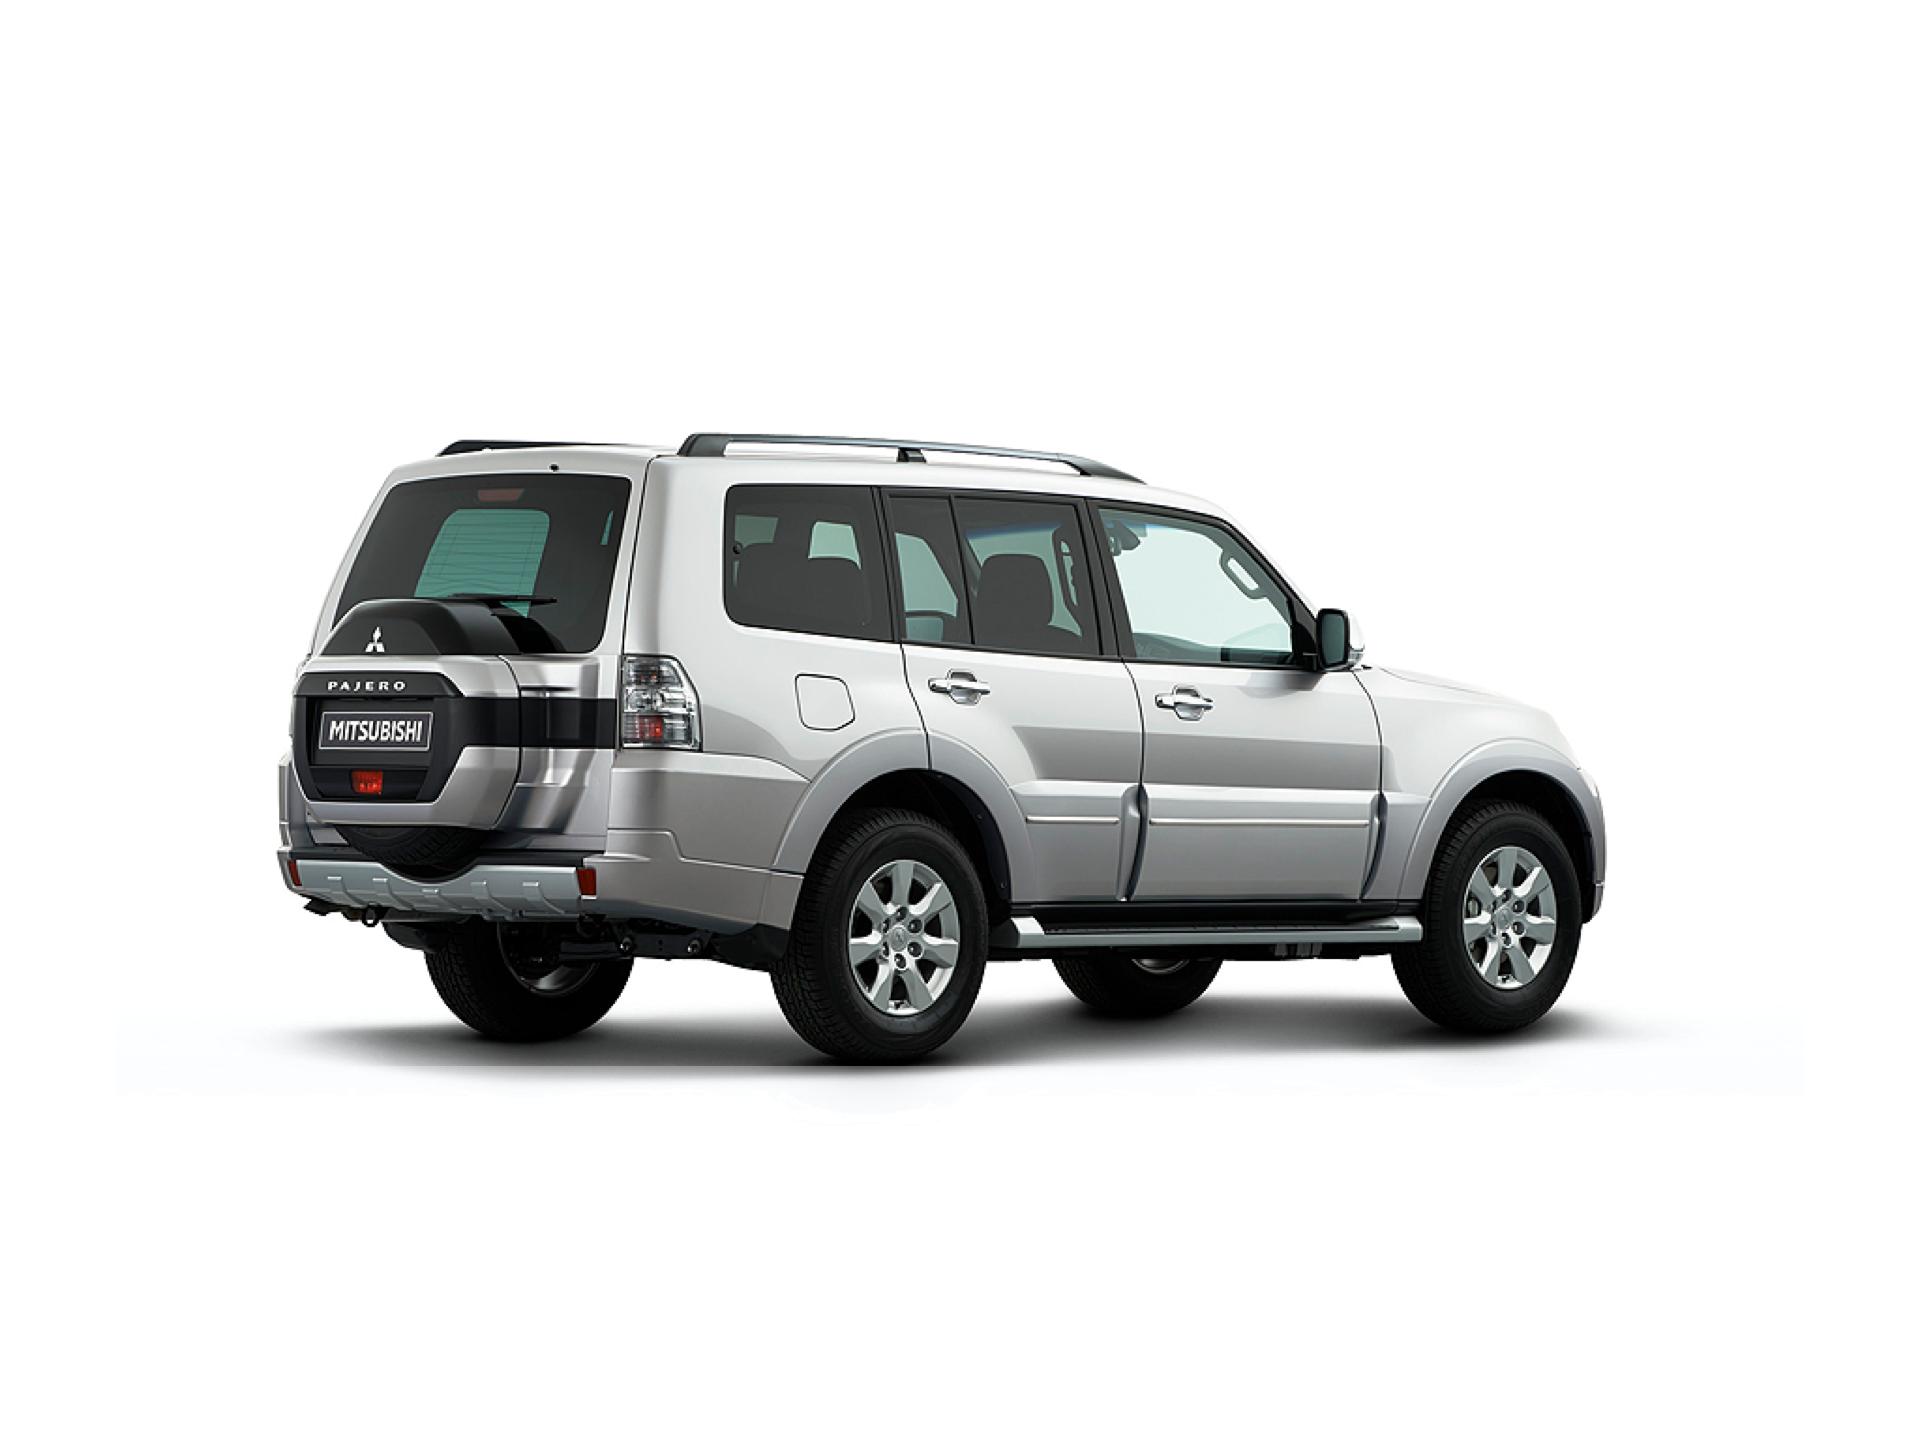 Mitsubishi Pajero 3.0L 2019